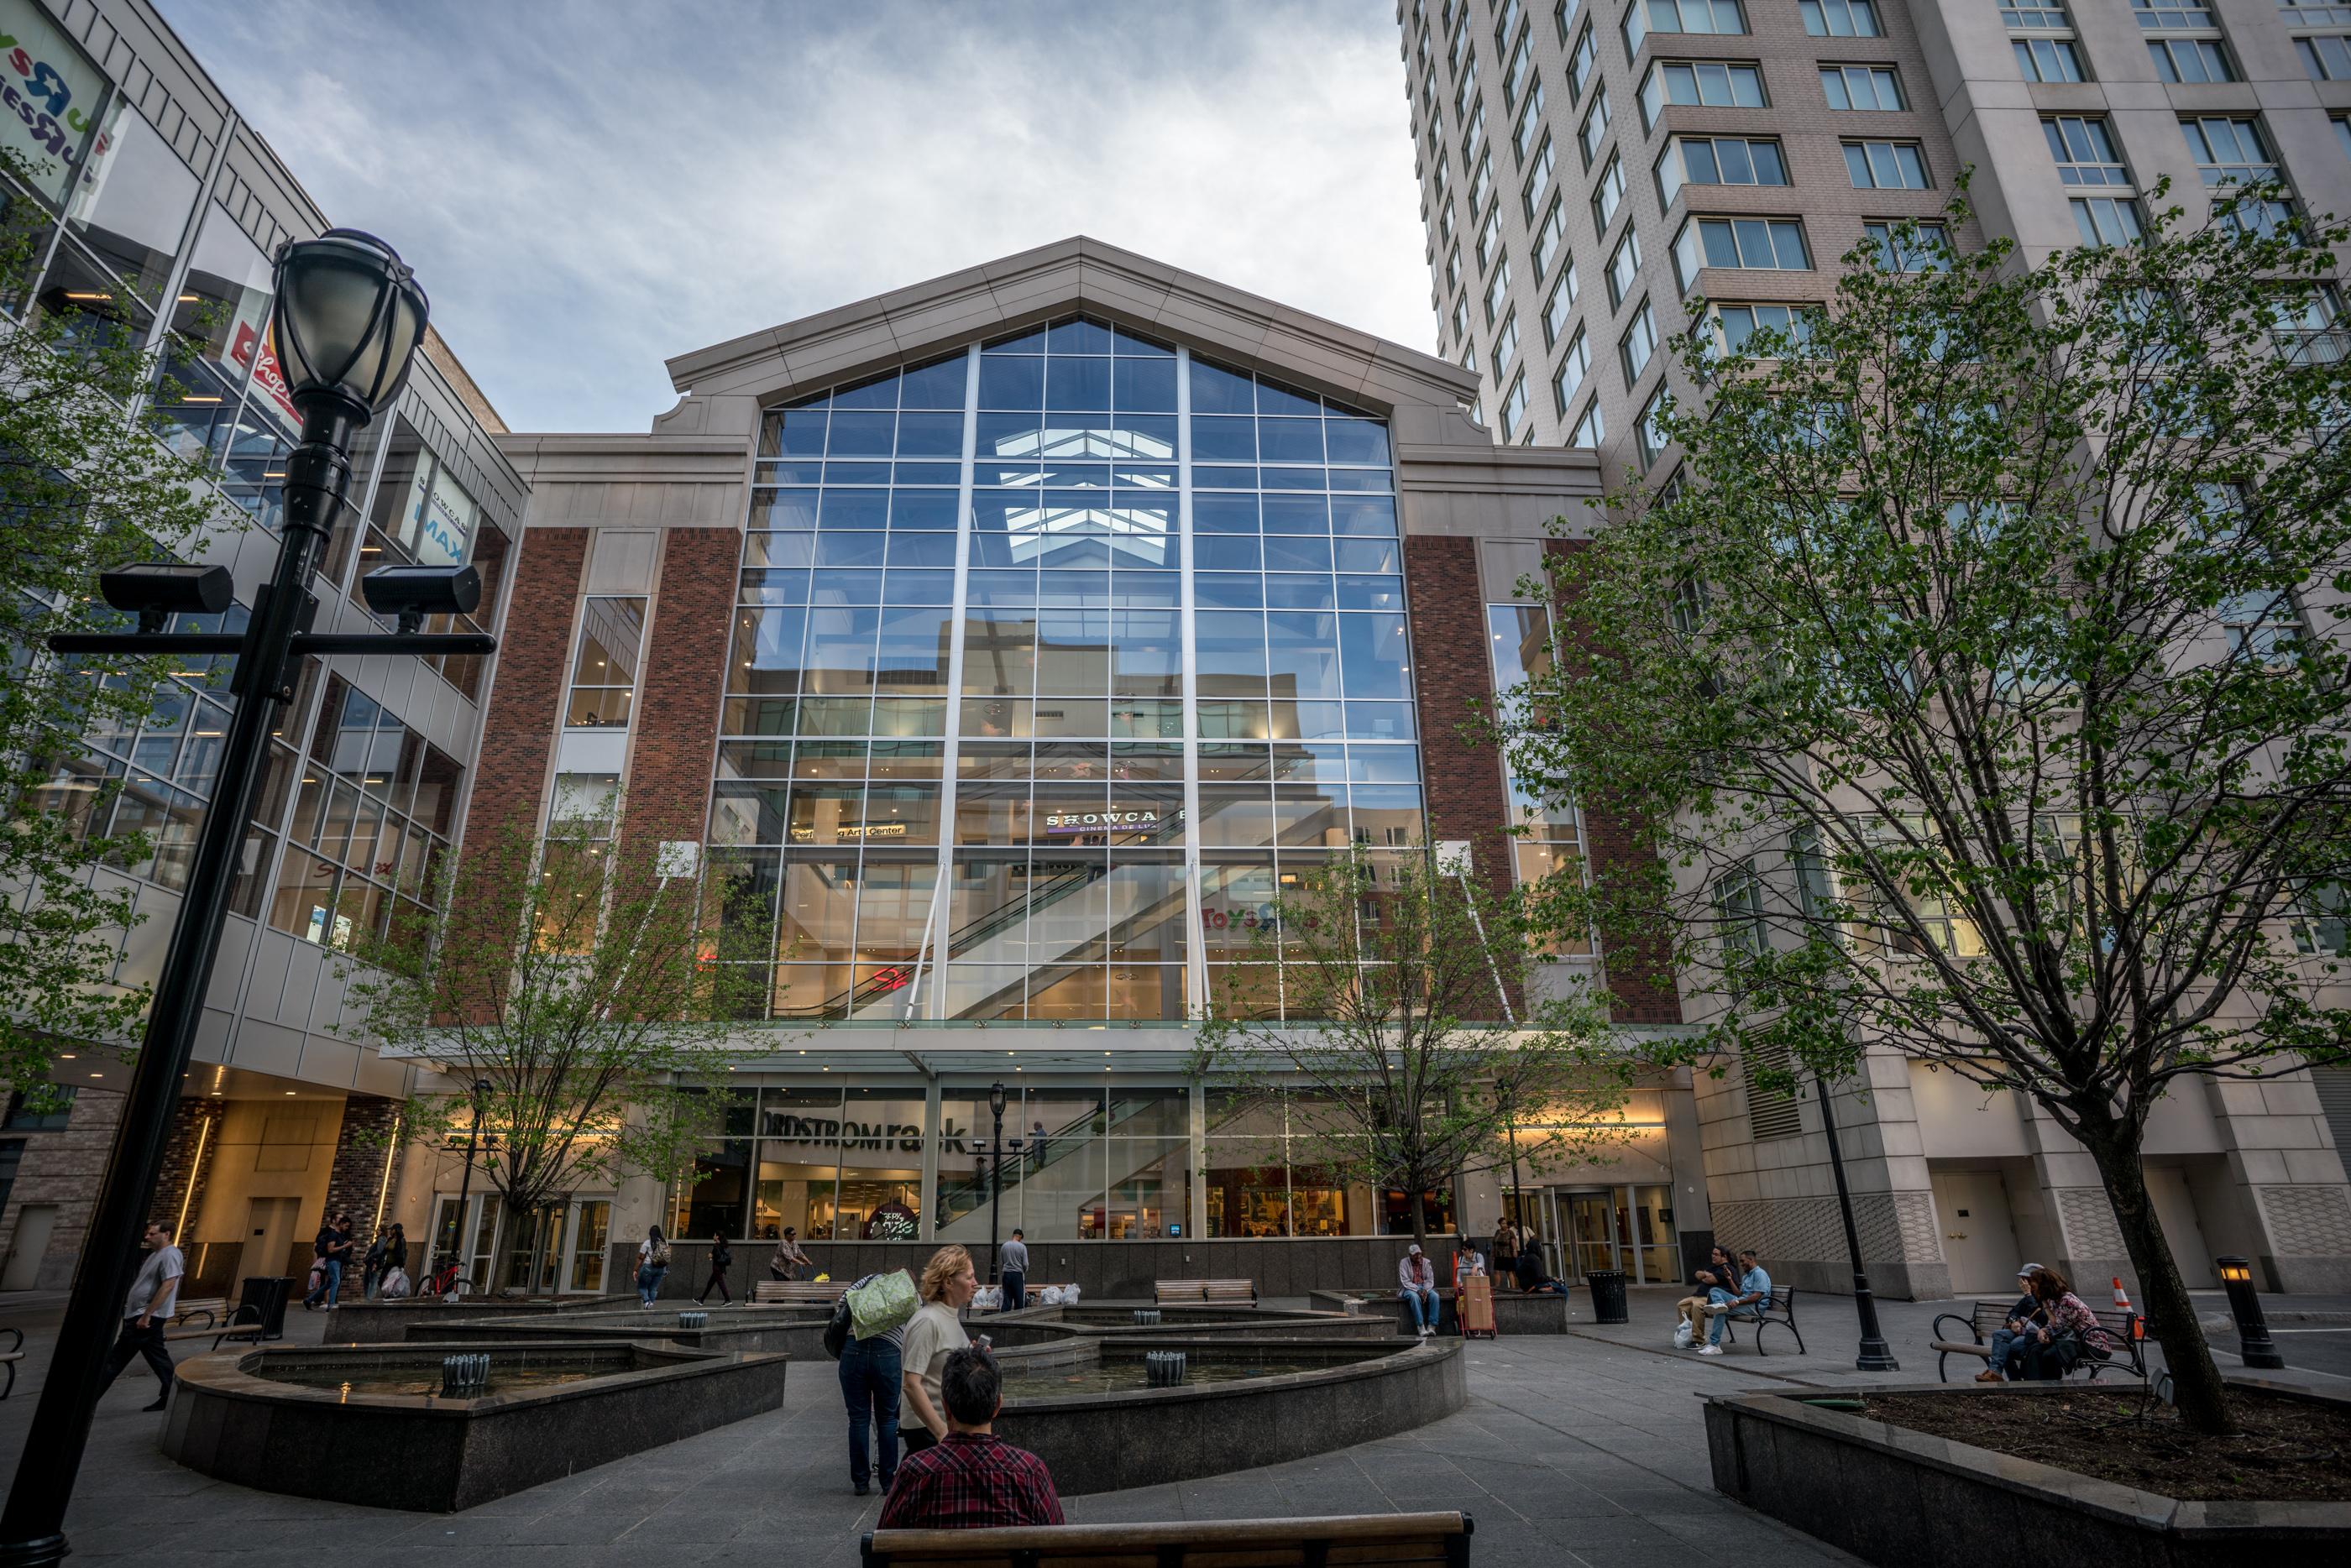 City Center exterior glass